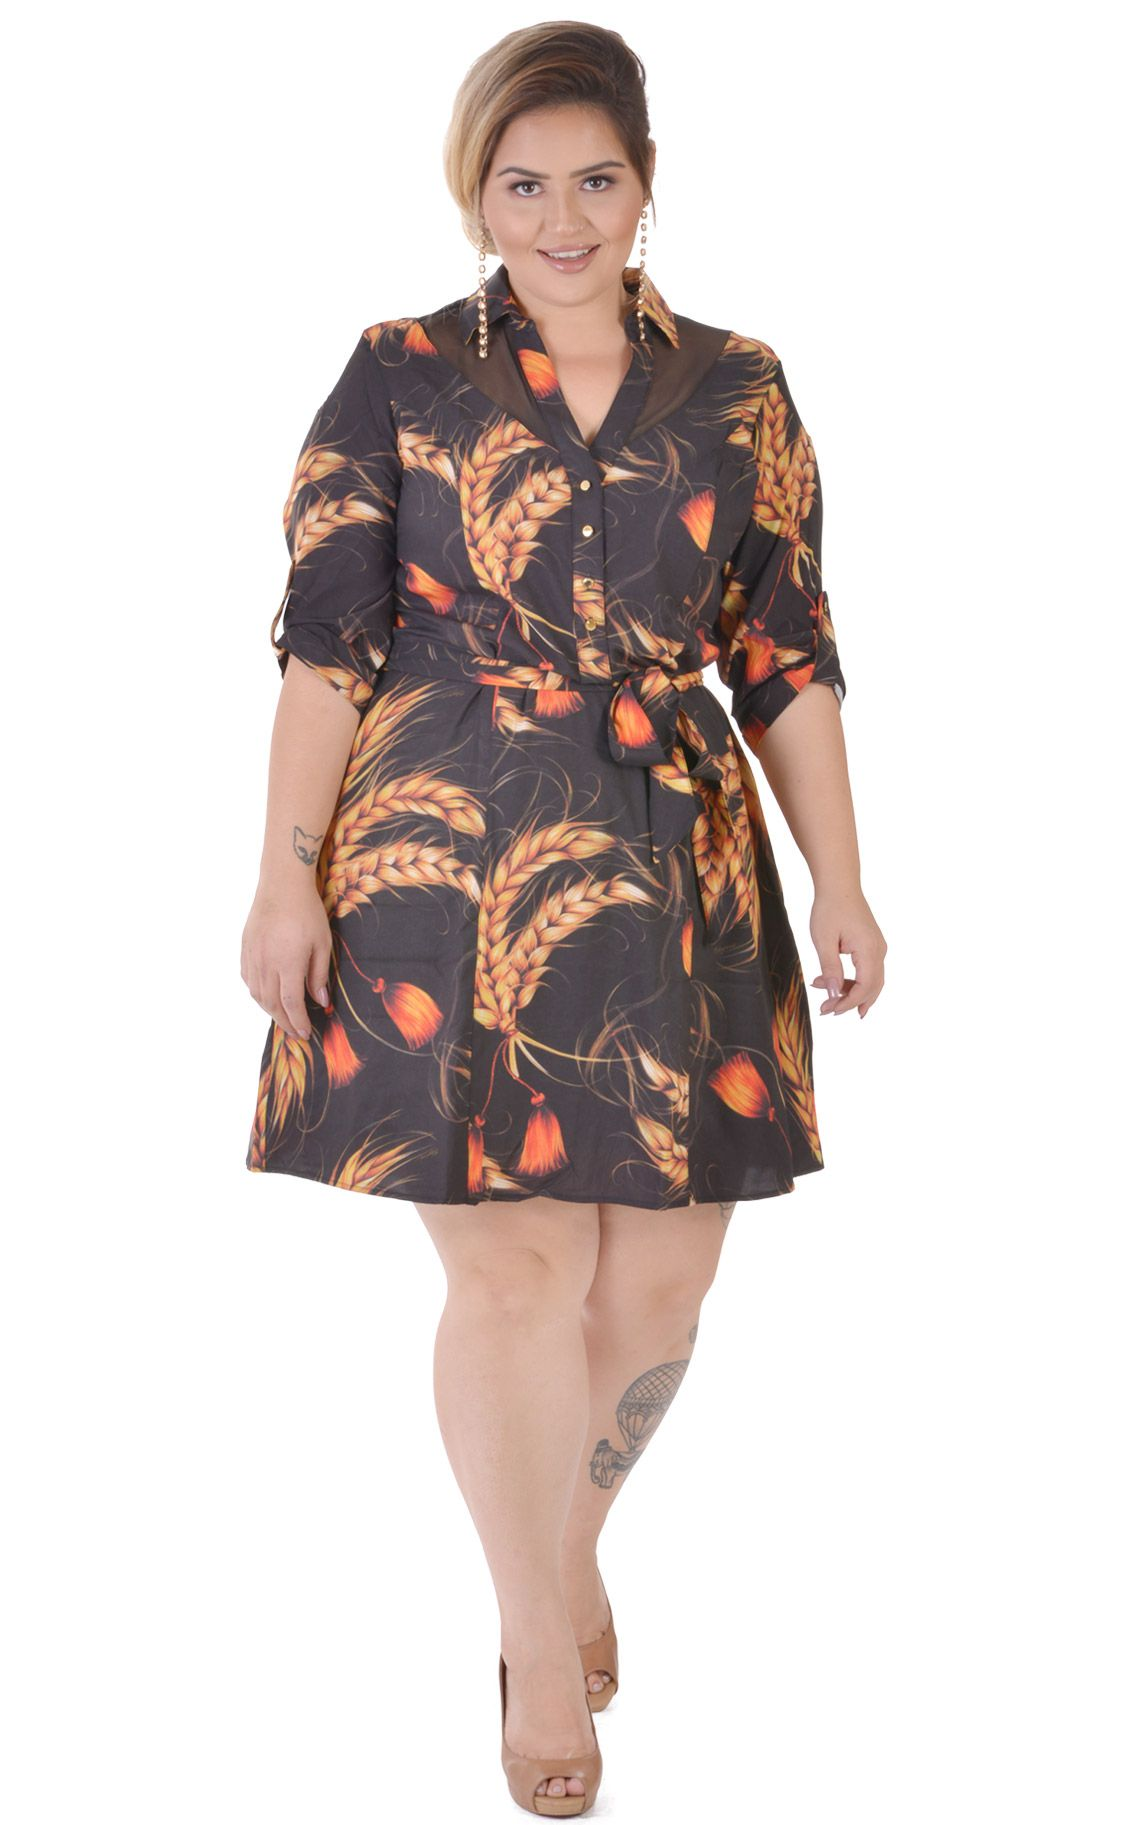 061ed7ece35 Vestido Plus Size Grano  Vestido Plus Size Grano ...